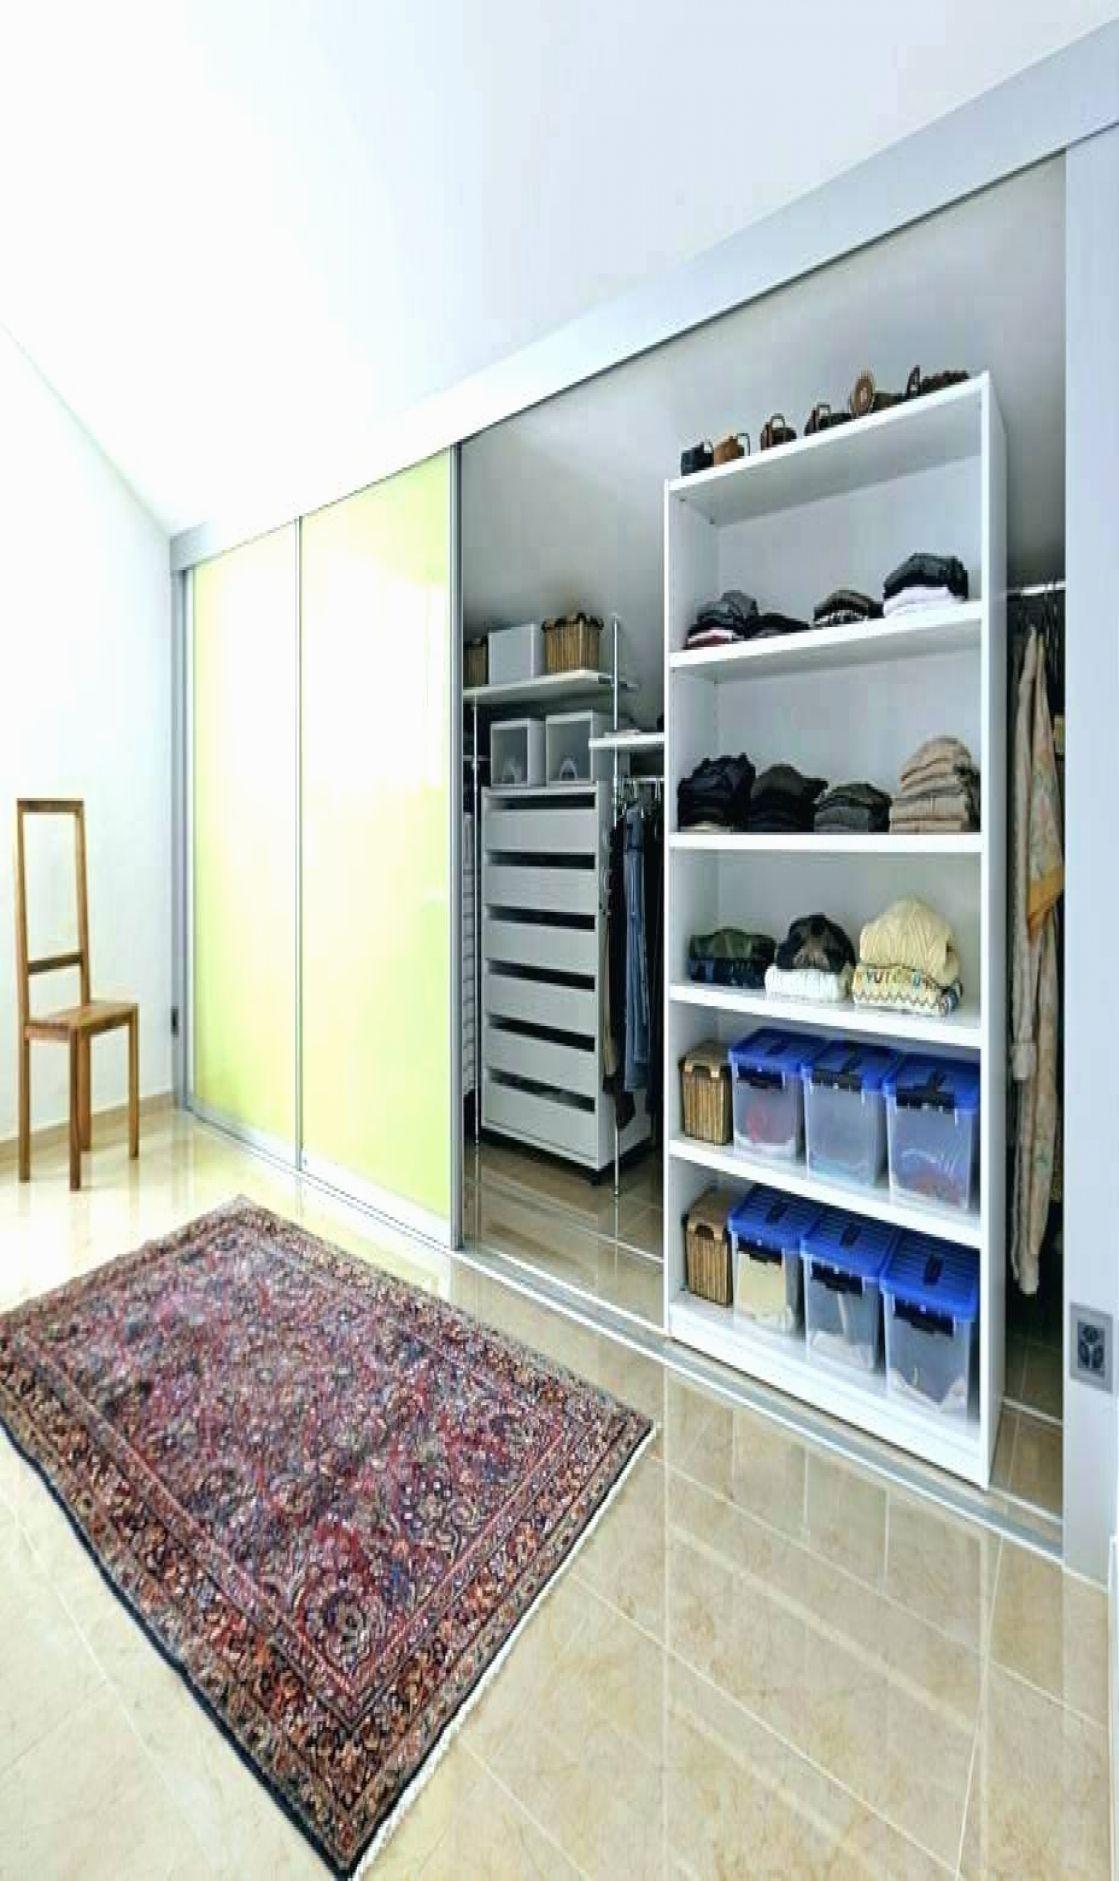 24 Schon Schrank Orientalisch Schrank Design Kleiderschrank Fur Dachschrage Kleiderschrank Selbst Gestalten